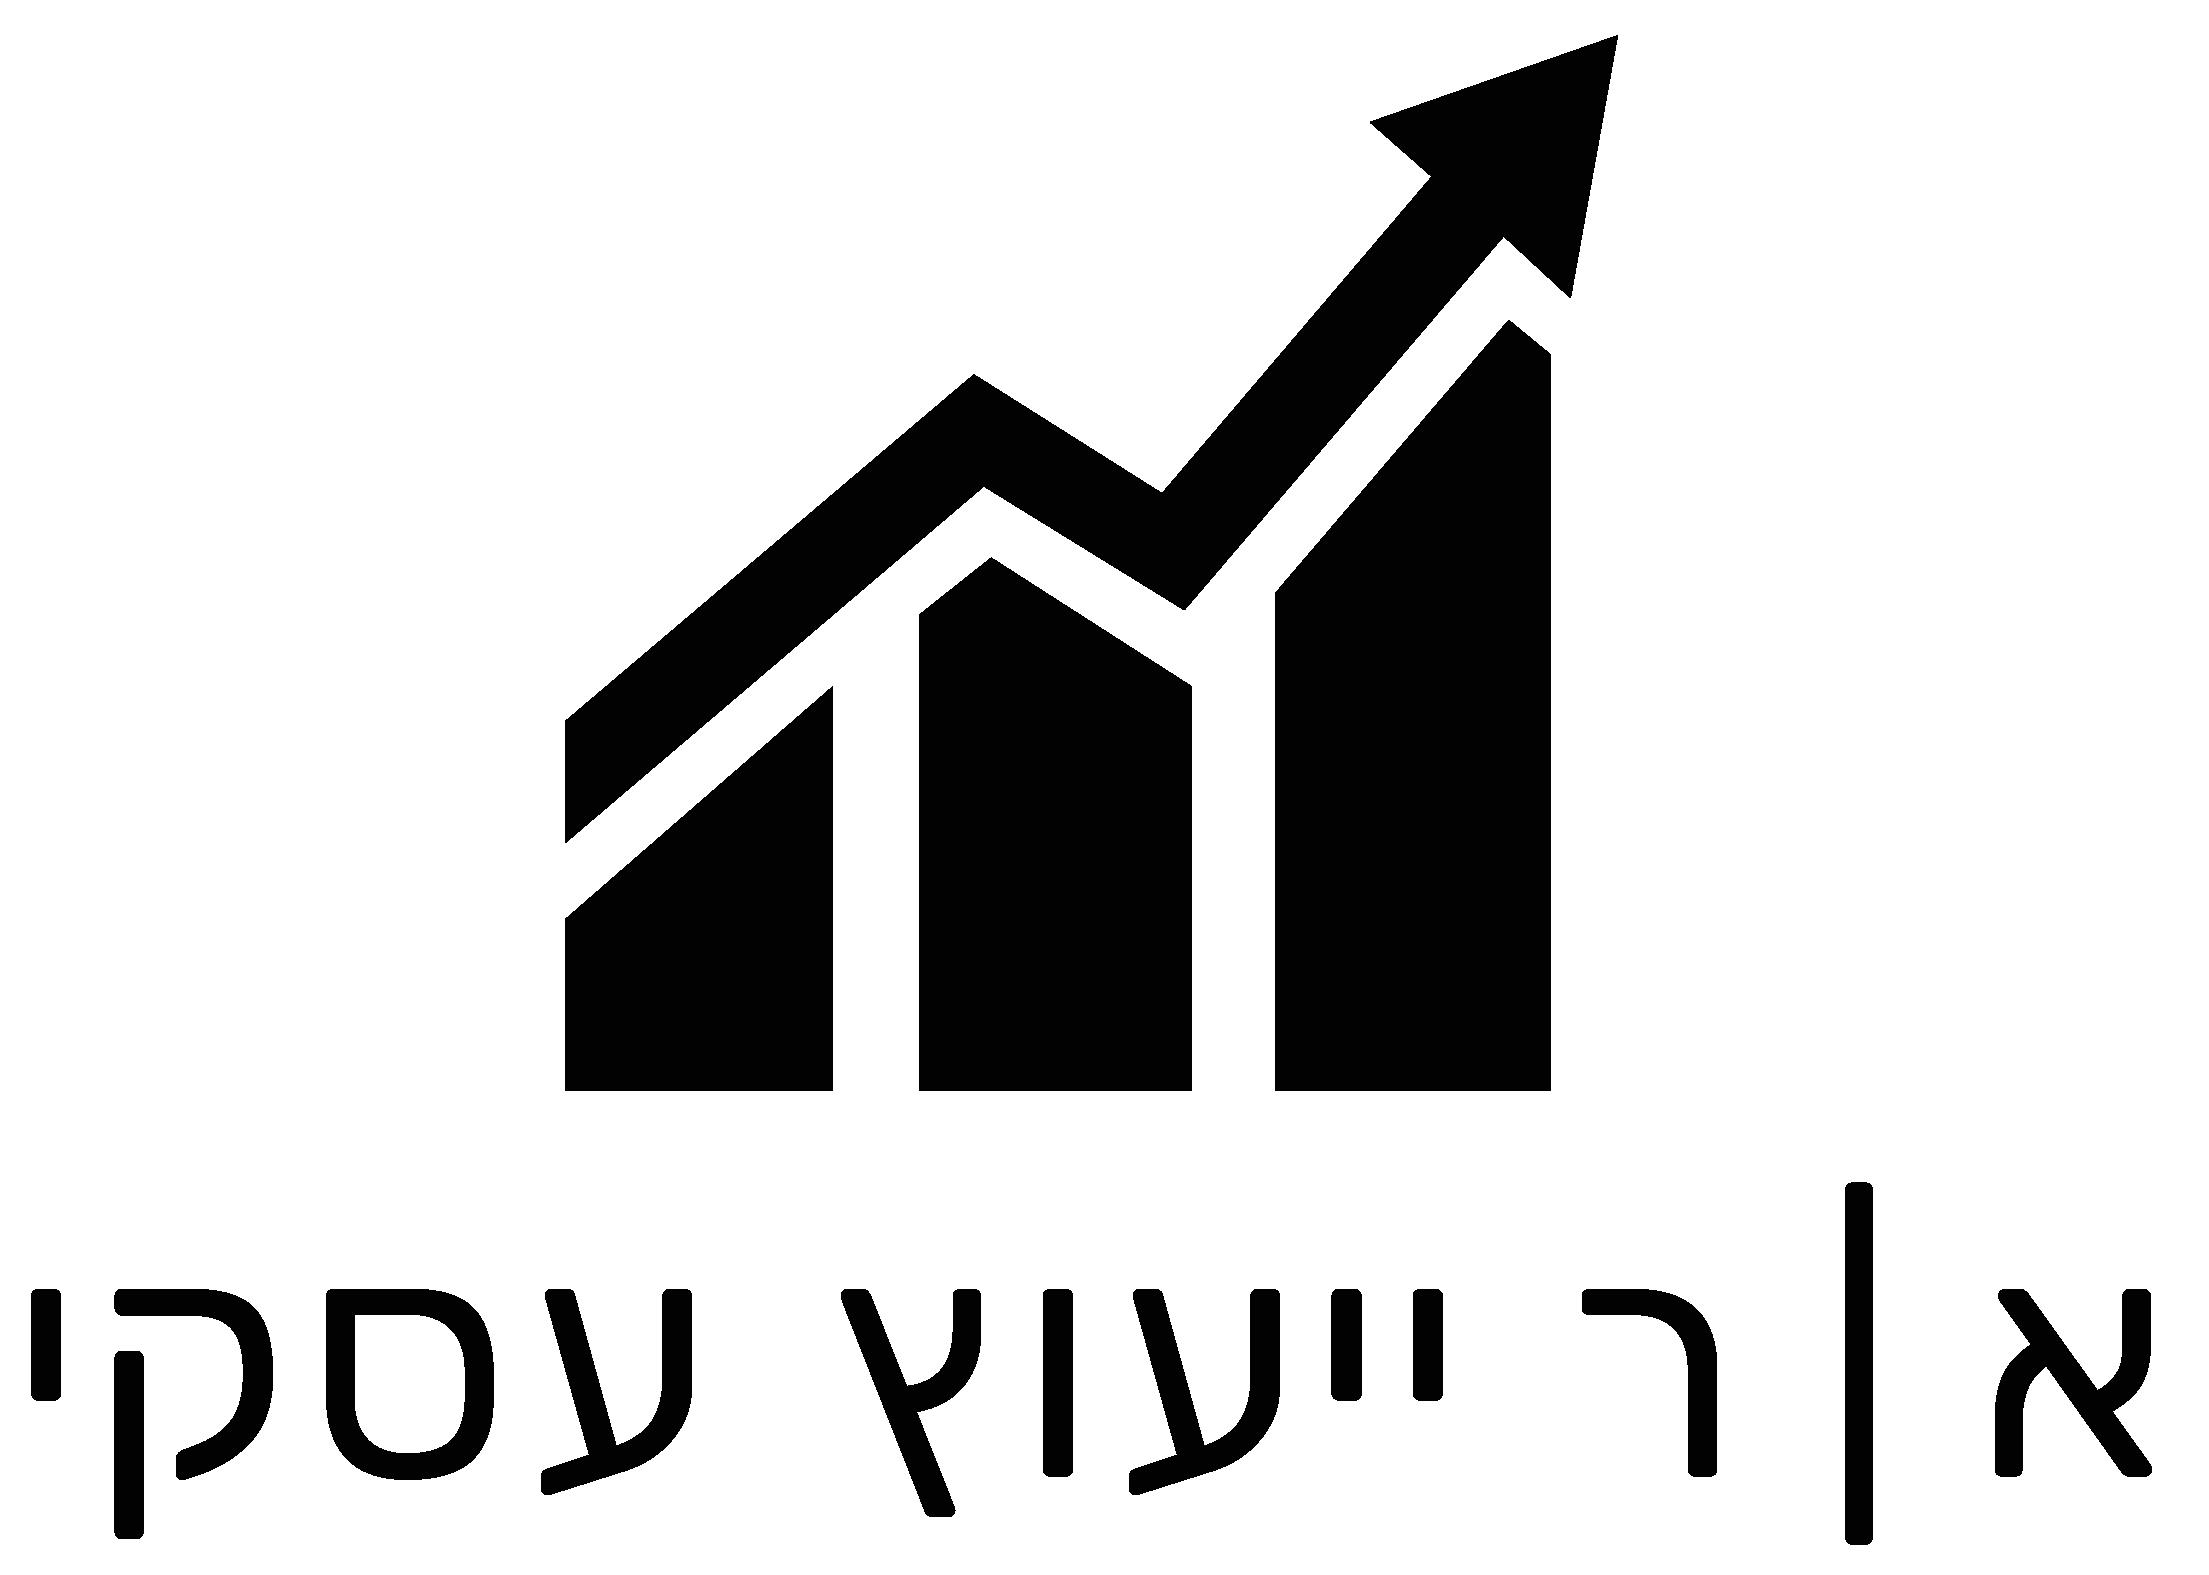 logo Eddie Rubinchik-04.png